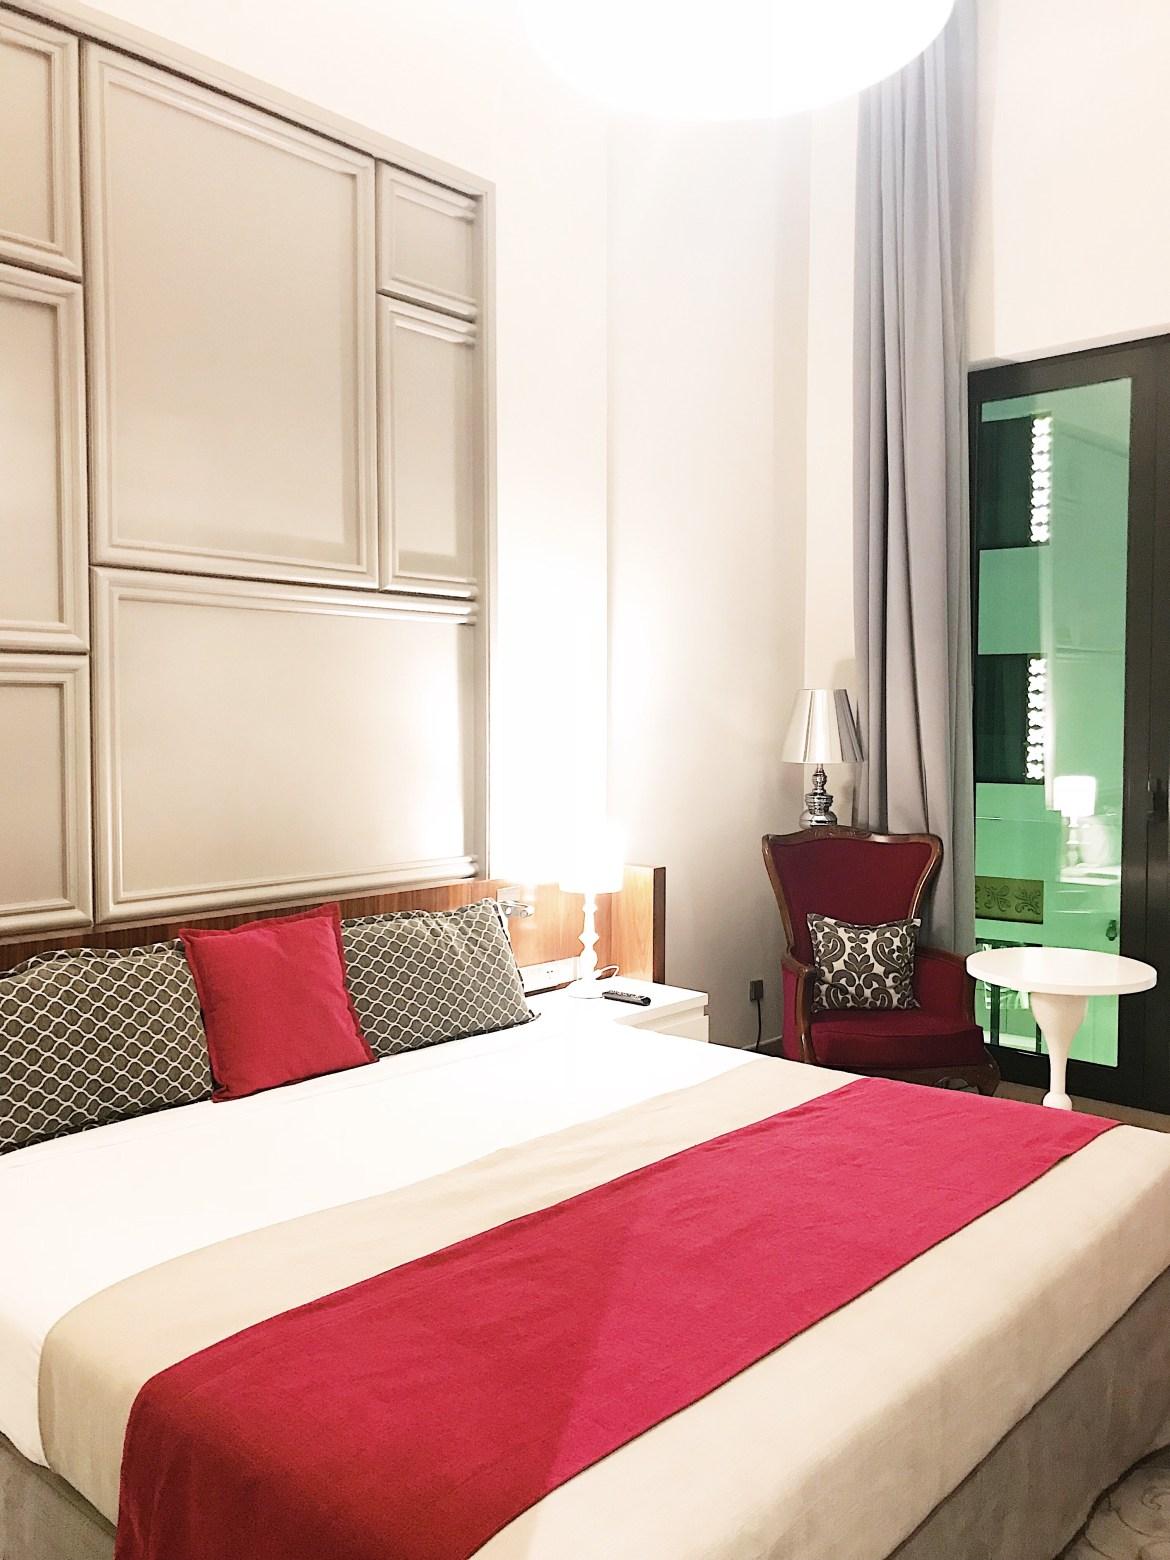 e207a98d 45ff 47ac 81ff 488e2e01e705 - Kempinski Hotel - 2017年オープンのハバナで今1番と言われる五つ星ラグジュアリーホテル